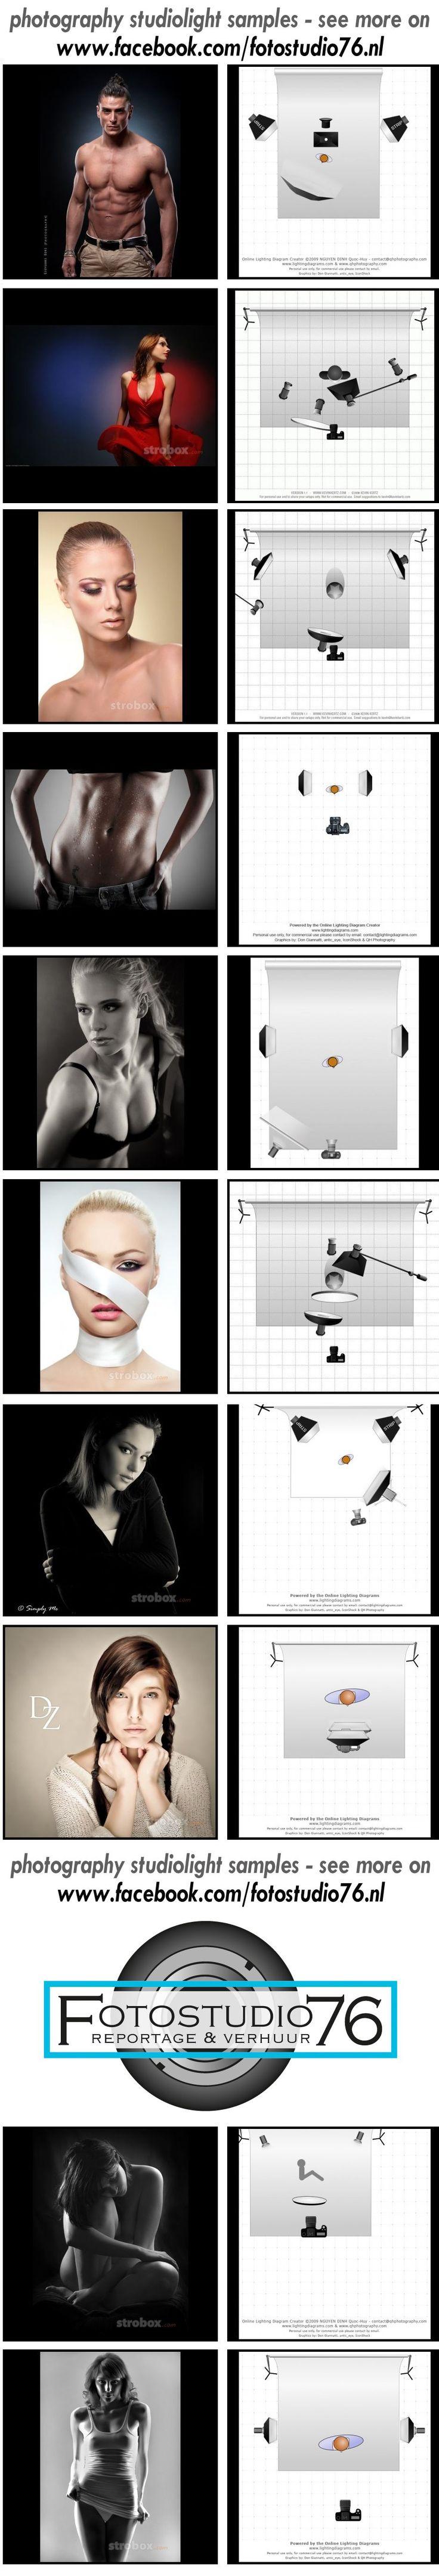 4e5ad947e4d599bf60ccb8470659d4d7.jpg 939×5.514 Pixel